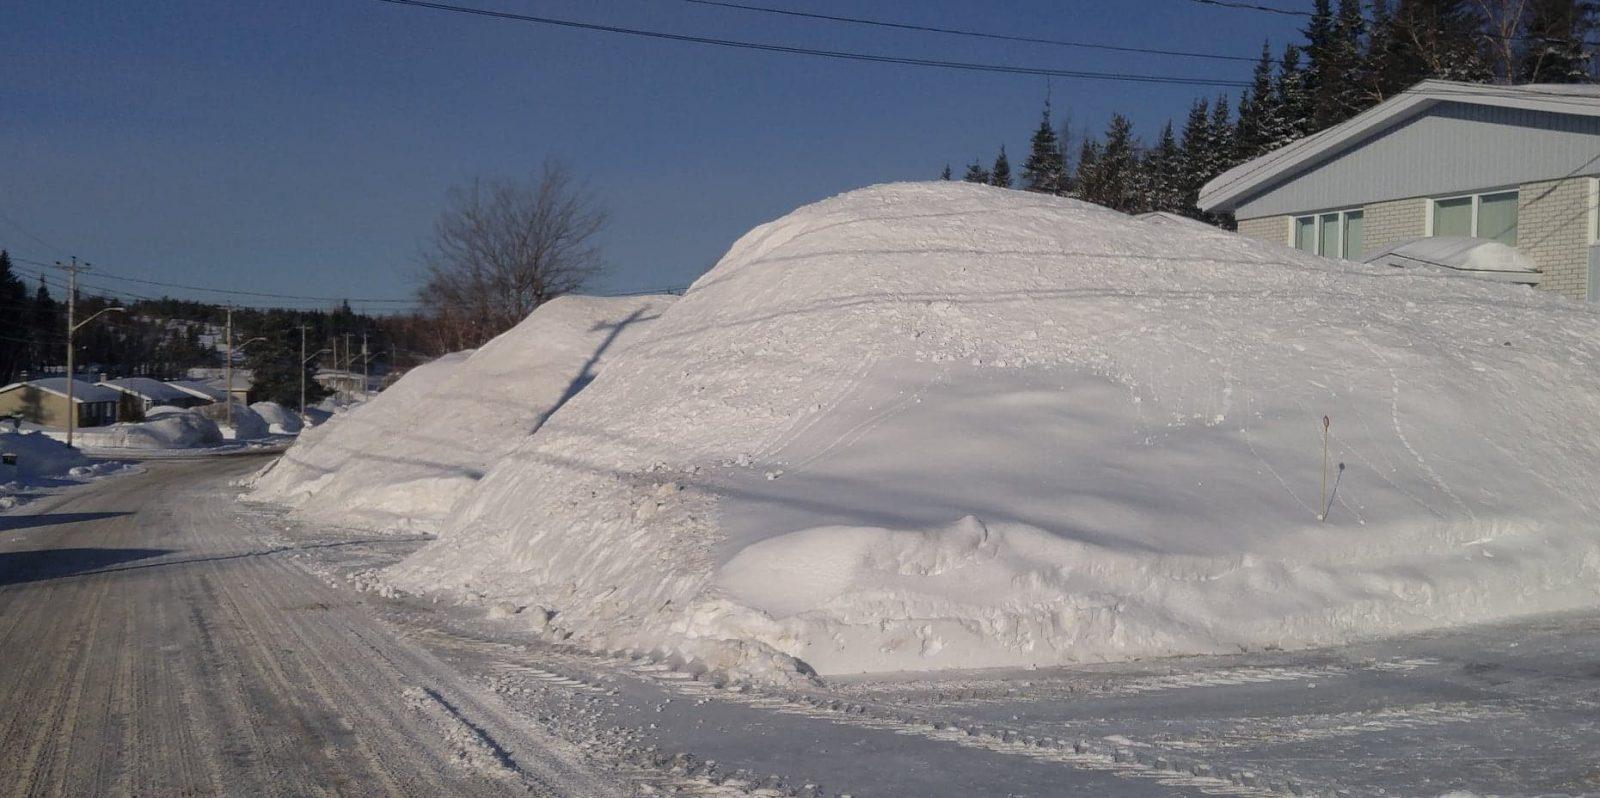 Deux fois plus de neige que la normale en février